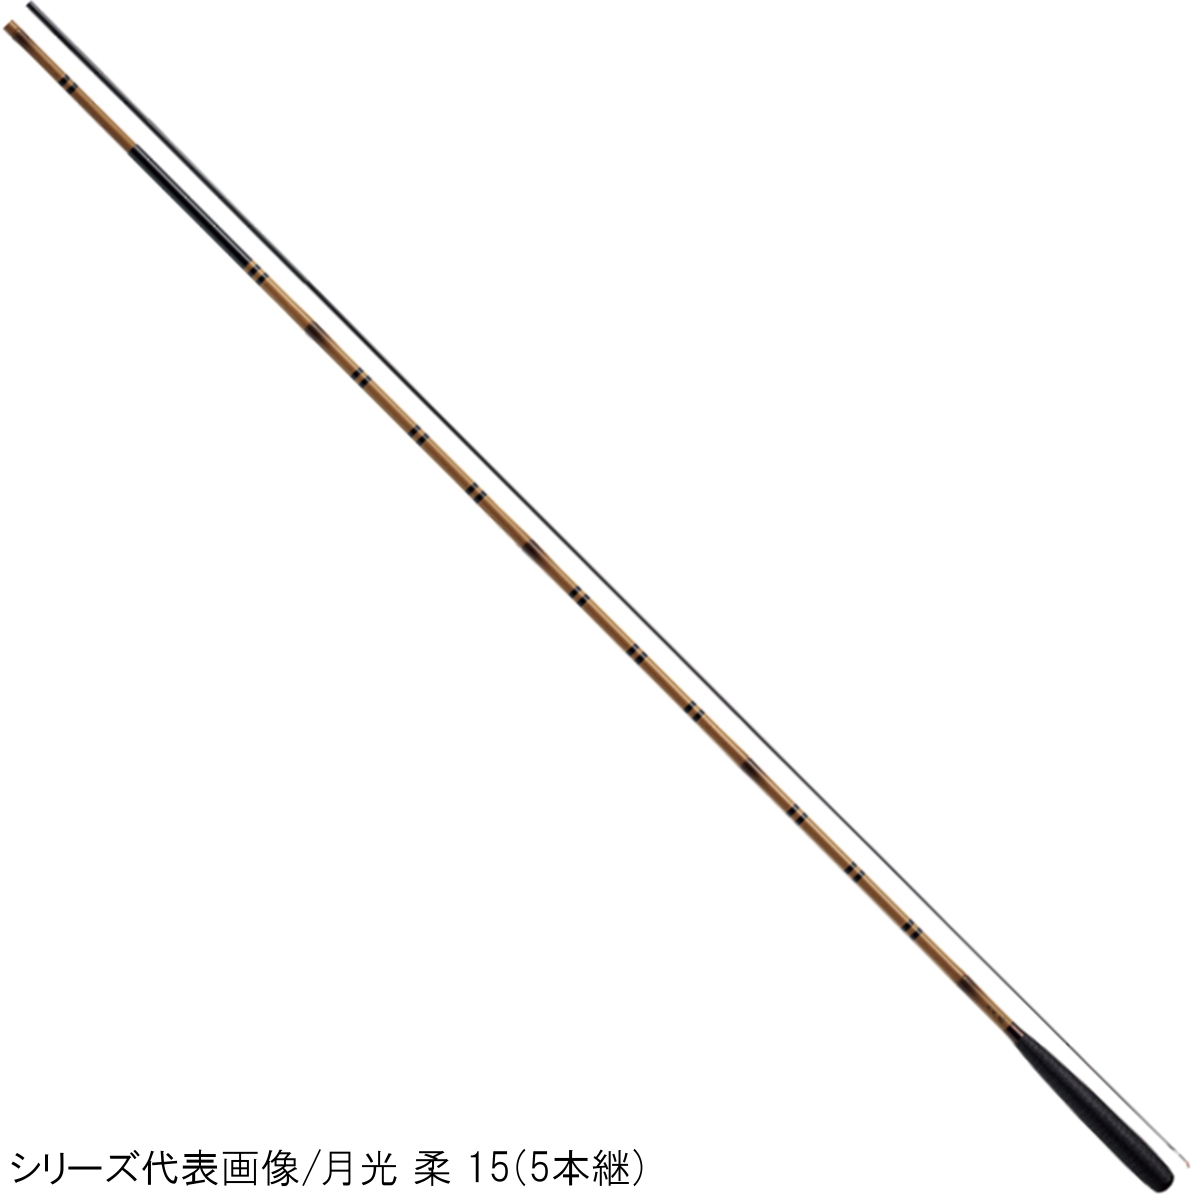 ダイワ 月光 柔 10(東日本店)